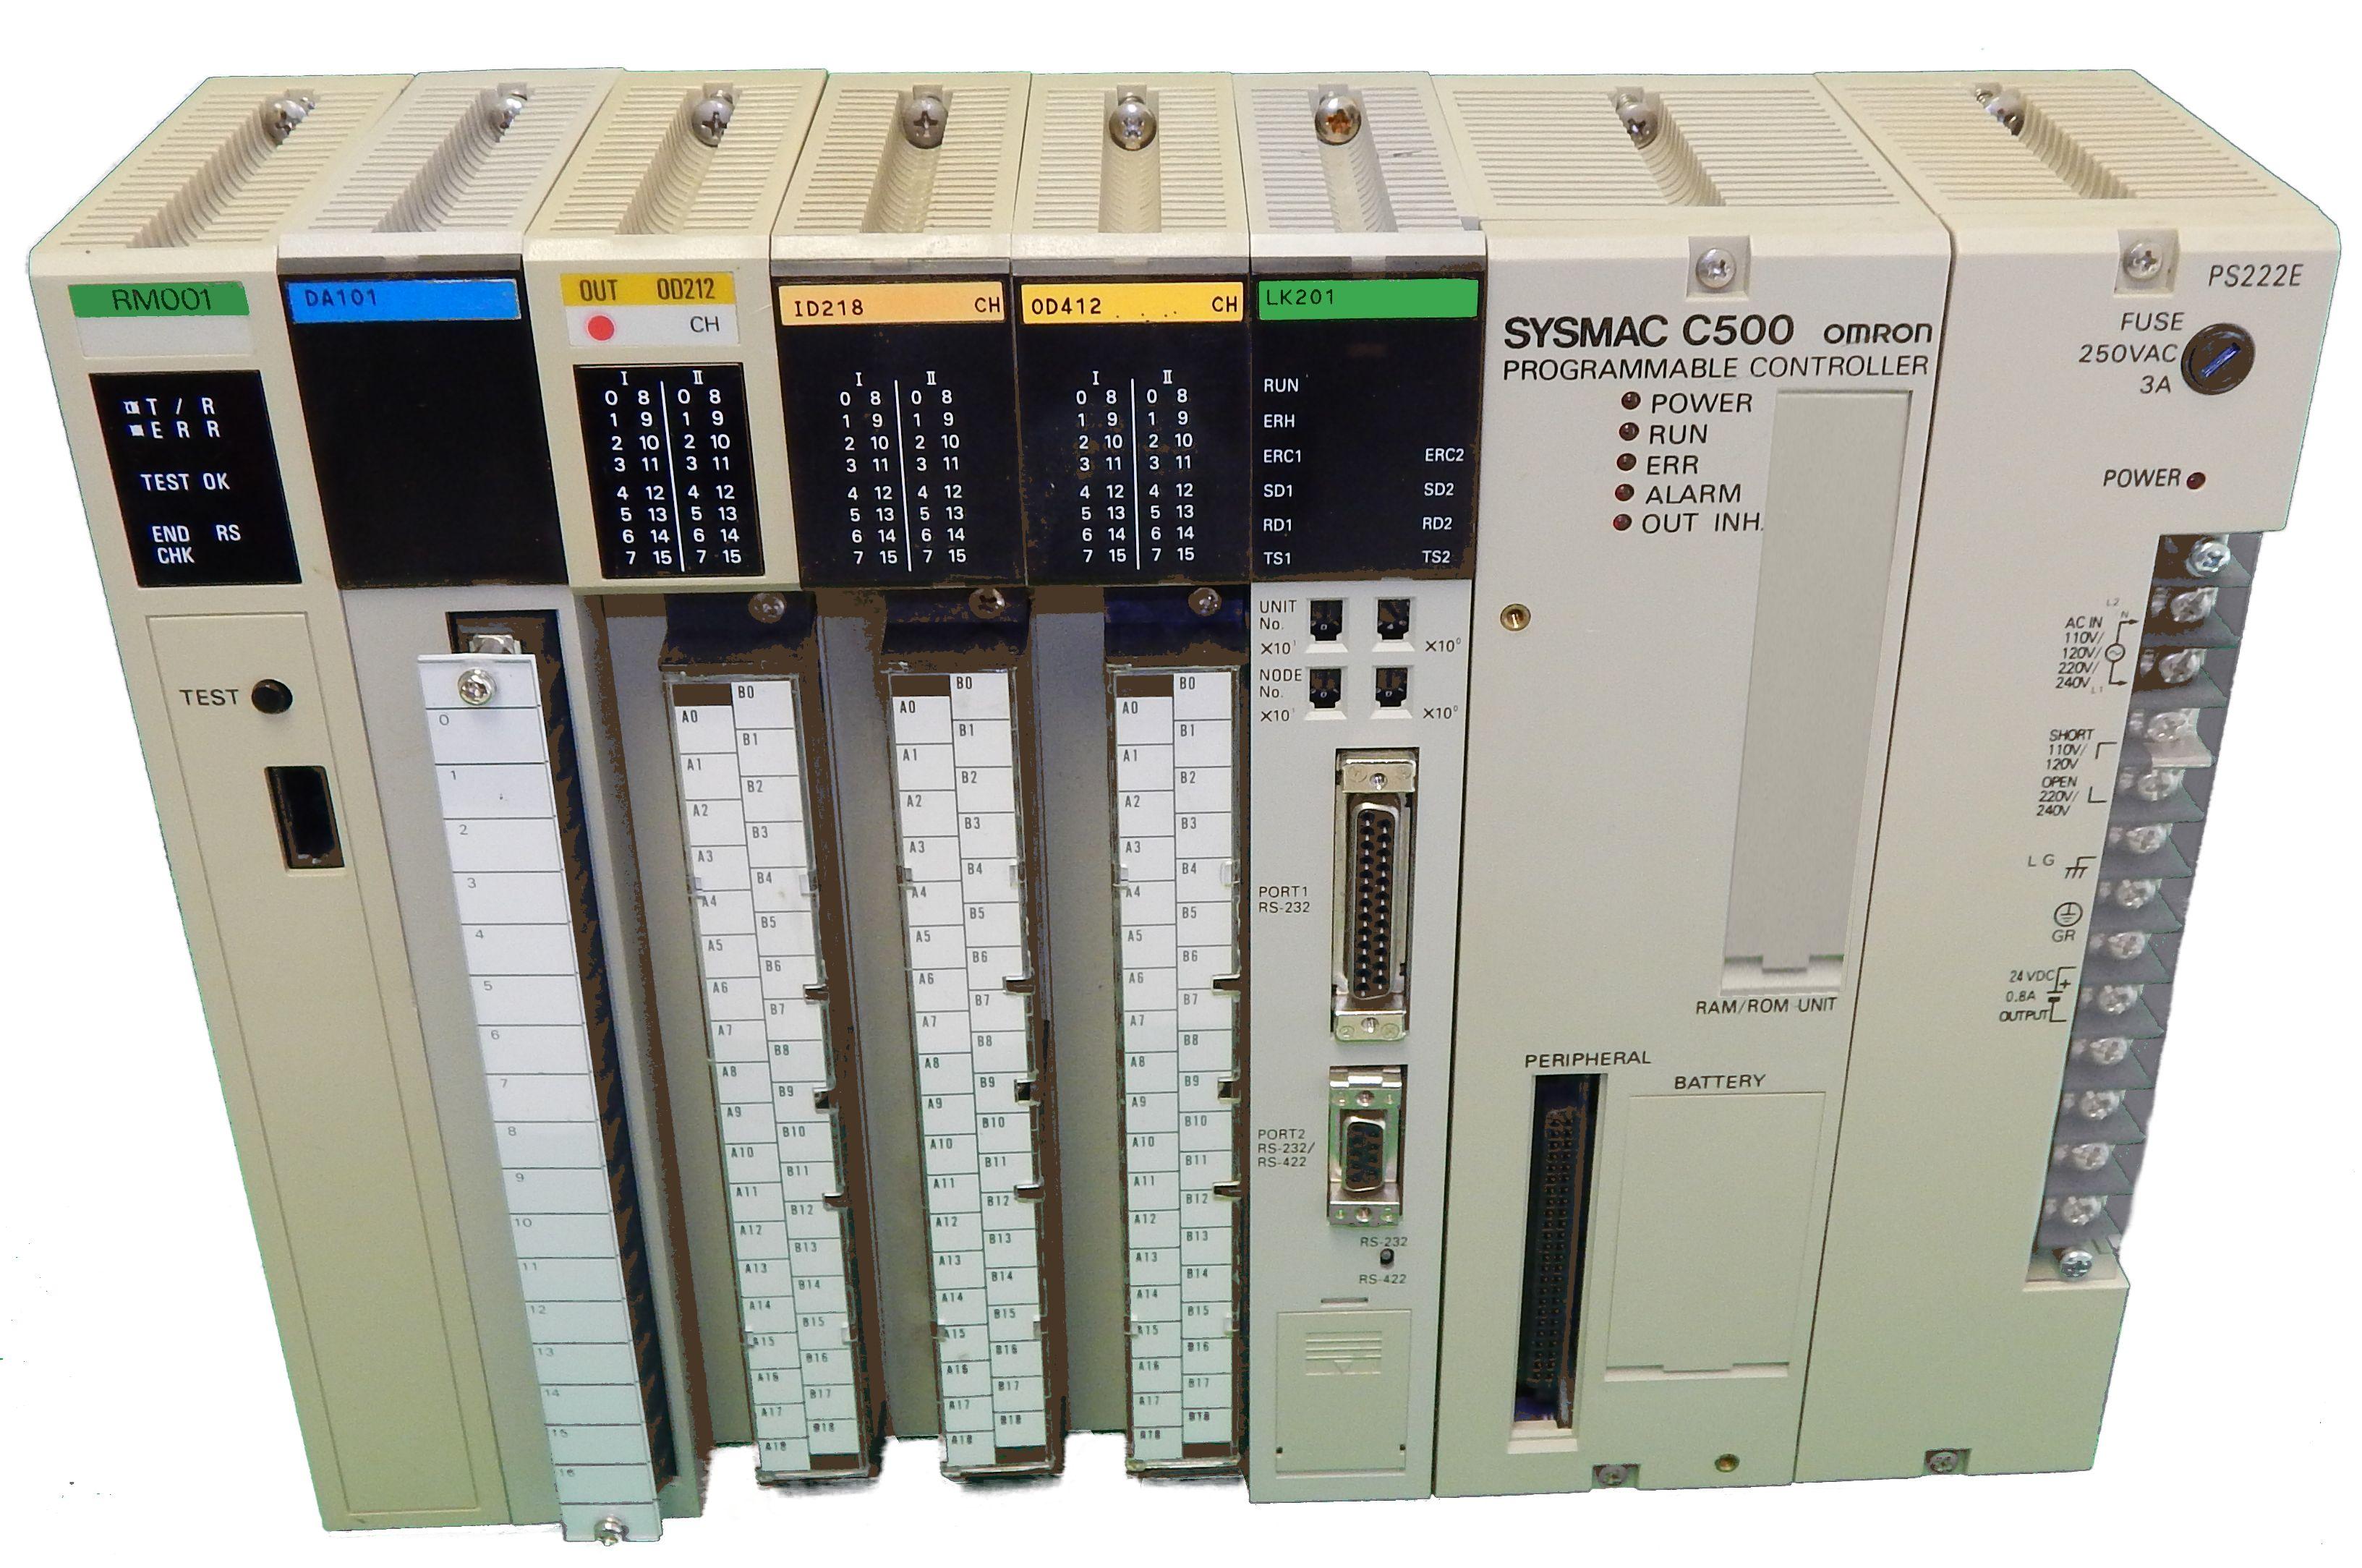 3G2C5-MP304-EV3